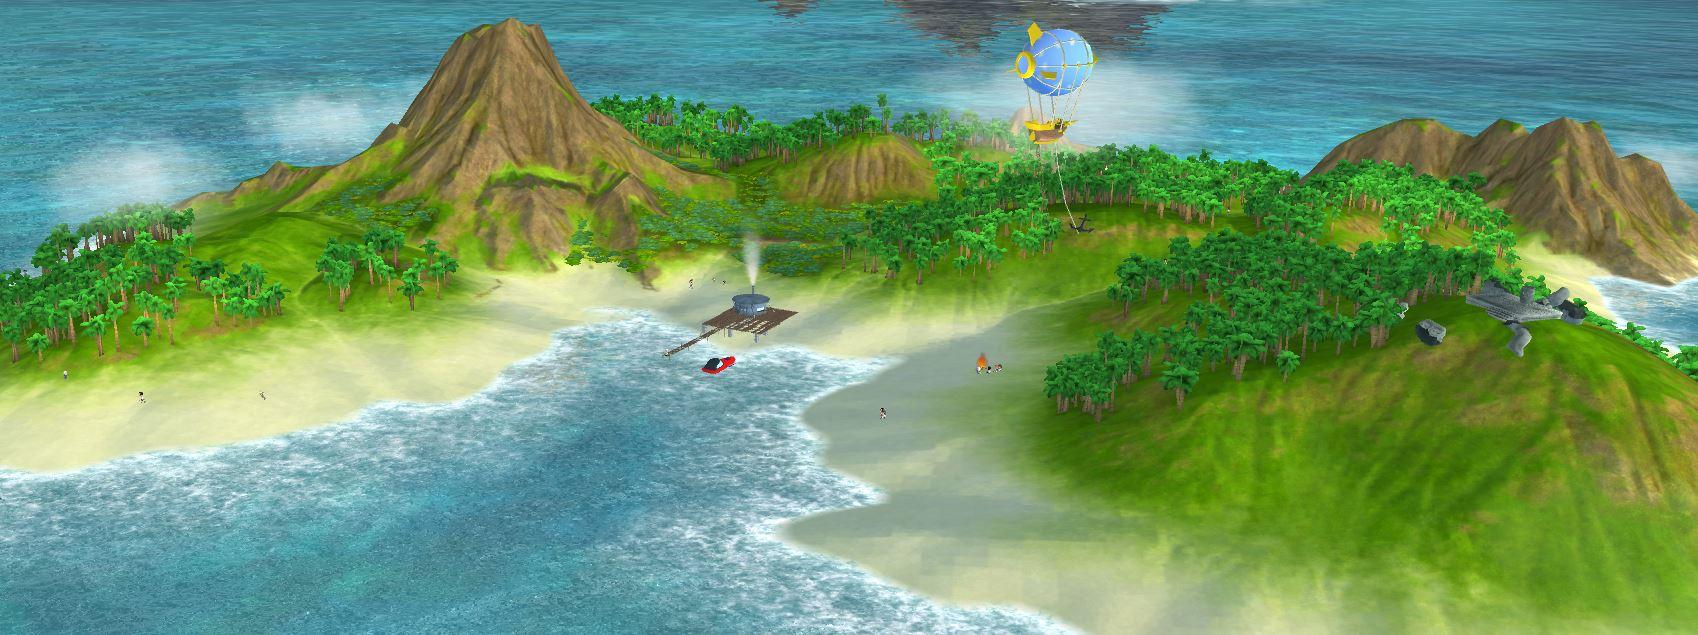 île personnelle